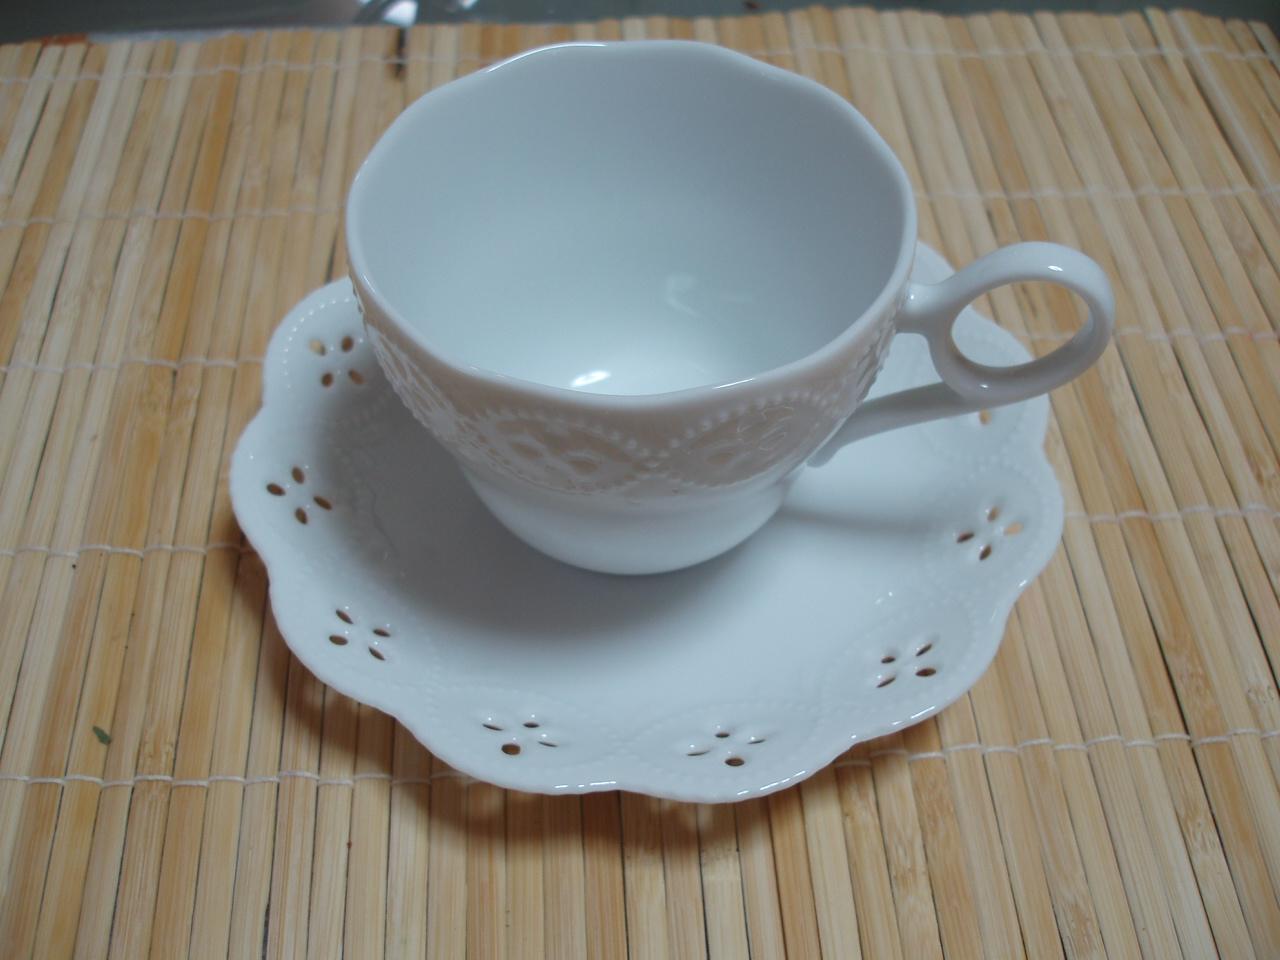 アフタヌーンティーで楽しくお茶とお買いもの♪_b0137453_14564253.jpg